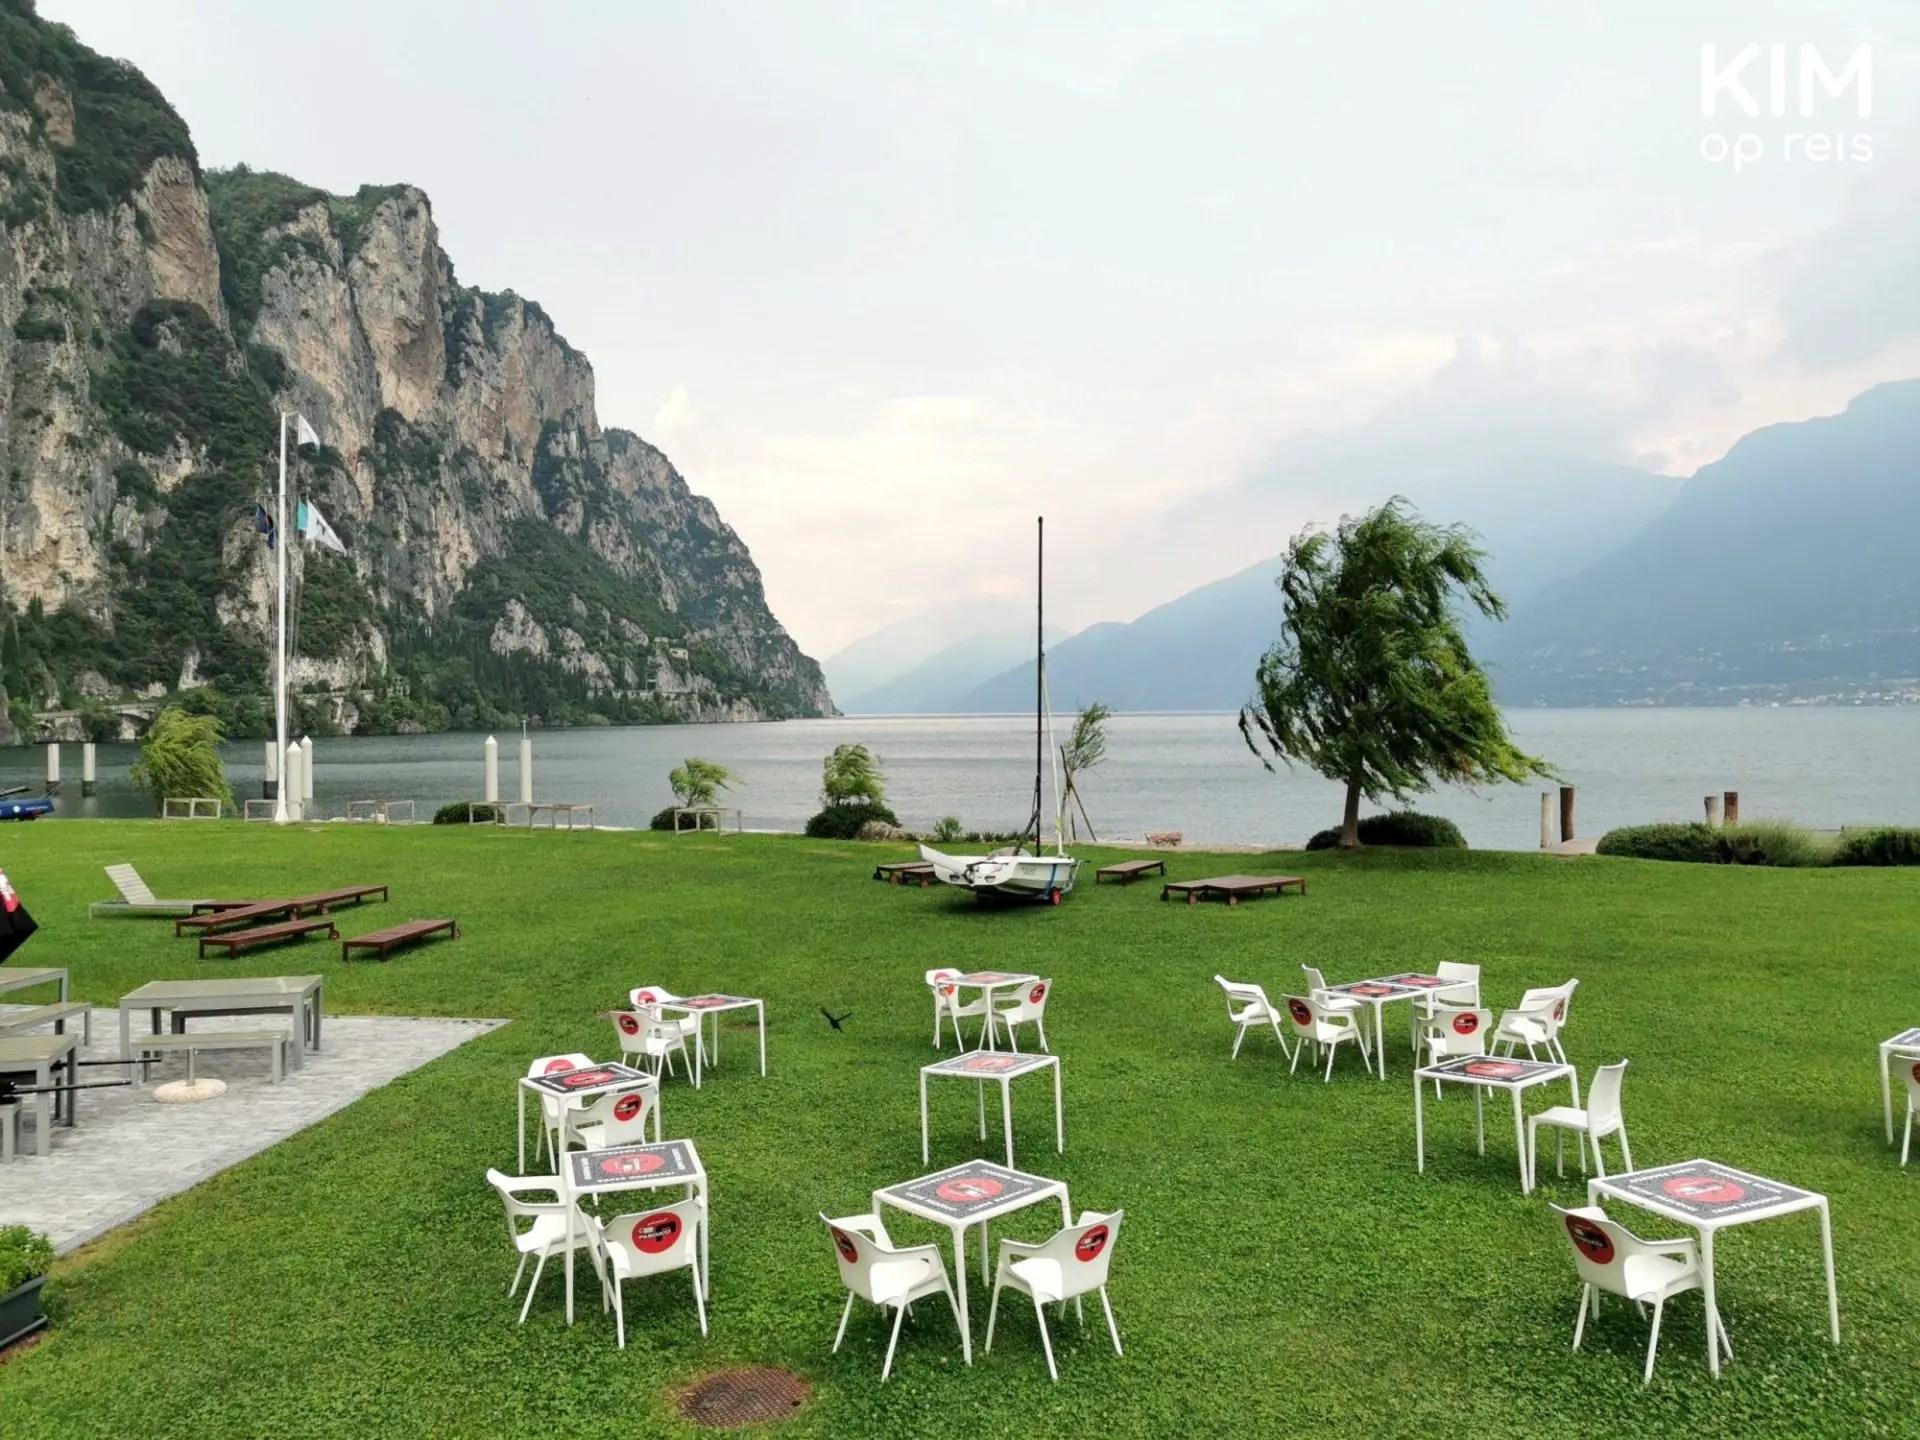 Terras in Camione - groen grasveld aan het mer met plastic stoelen en tafels